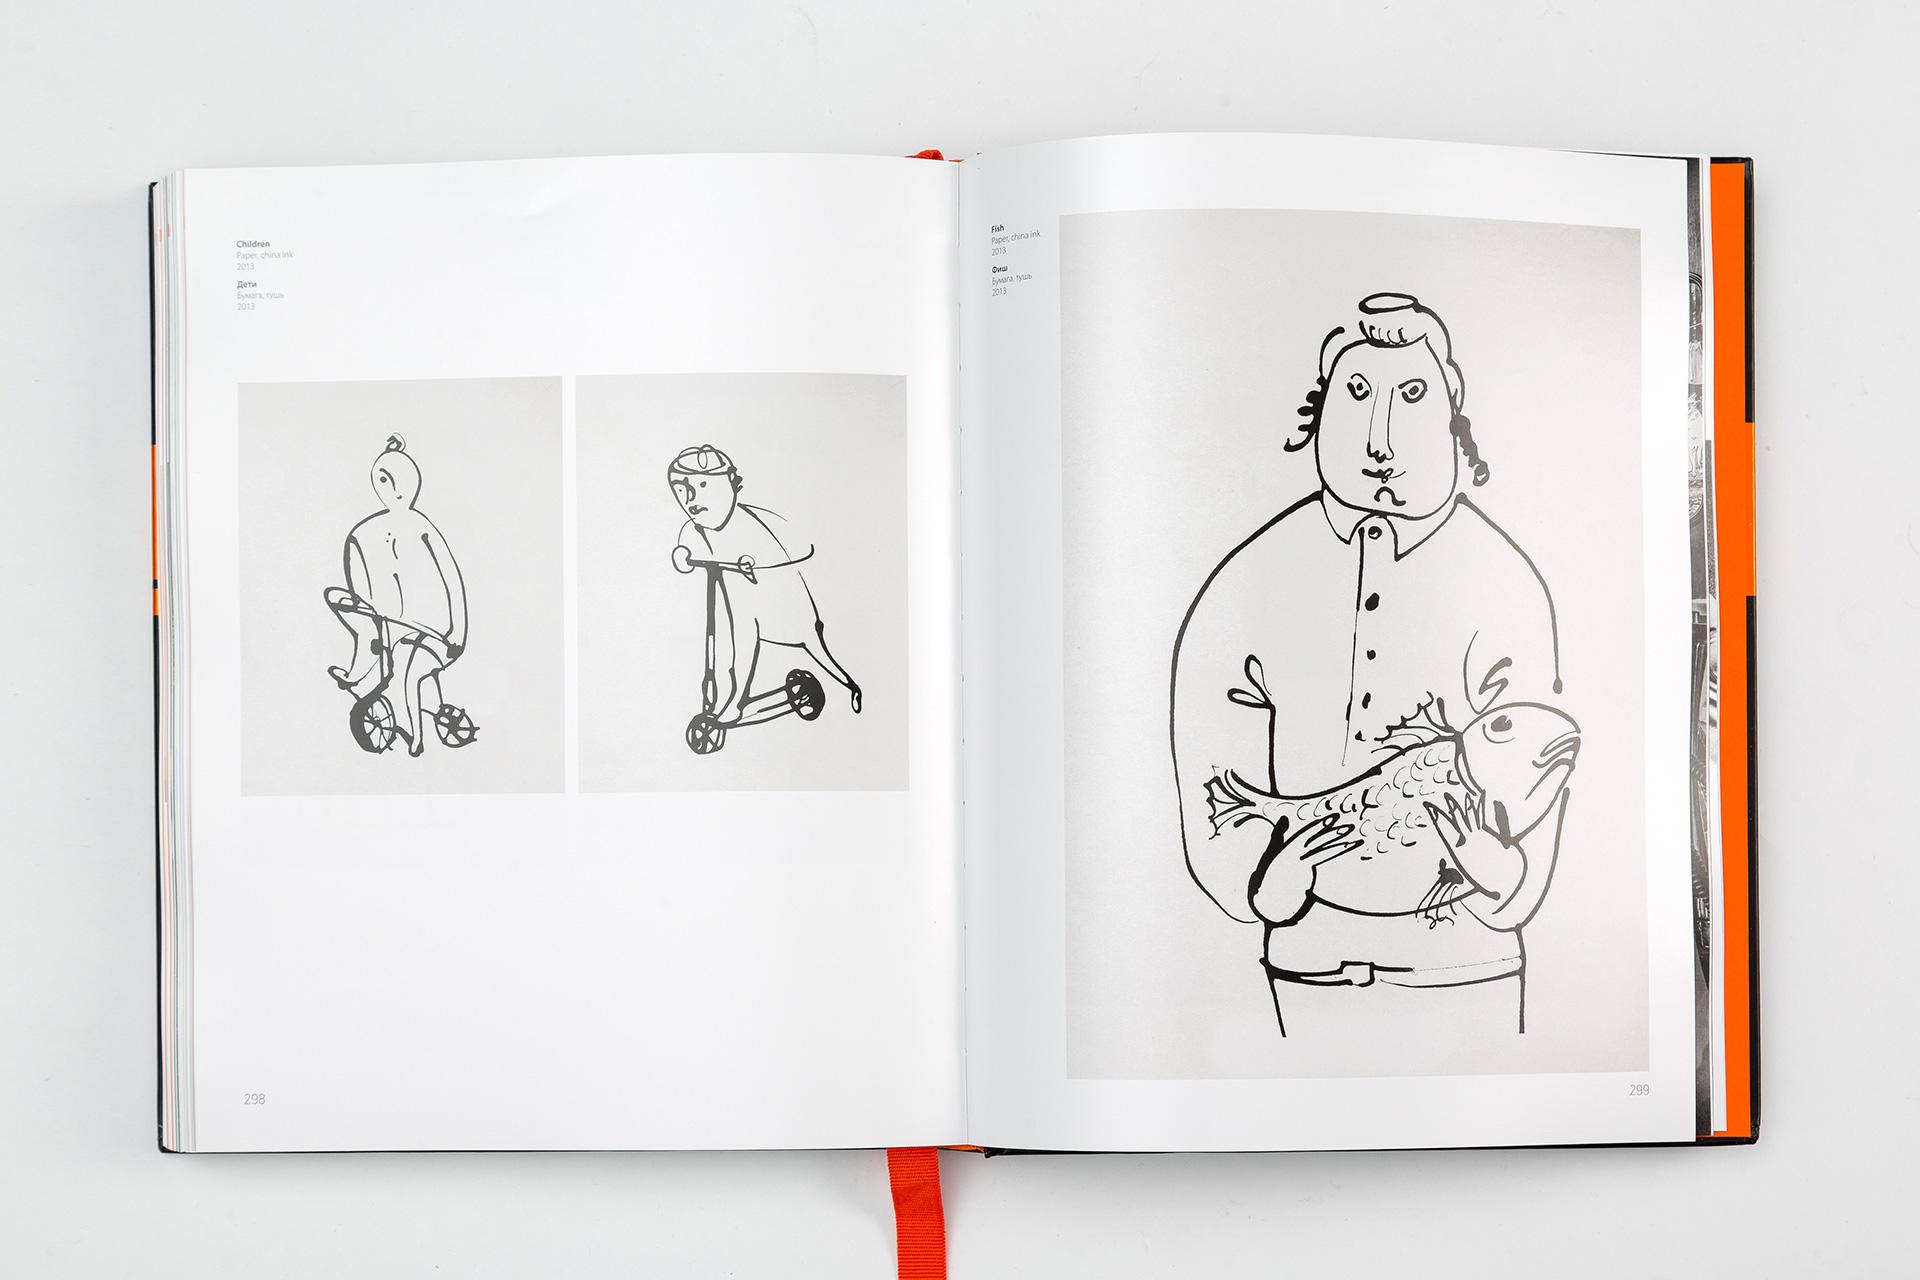 Asgard Branding, художественный альбом, дизайн разворота альбома, печатные издания, дизайн книги, Михаил Рева